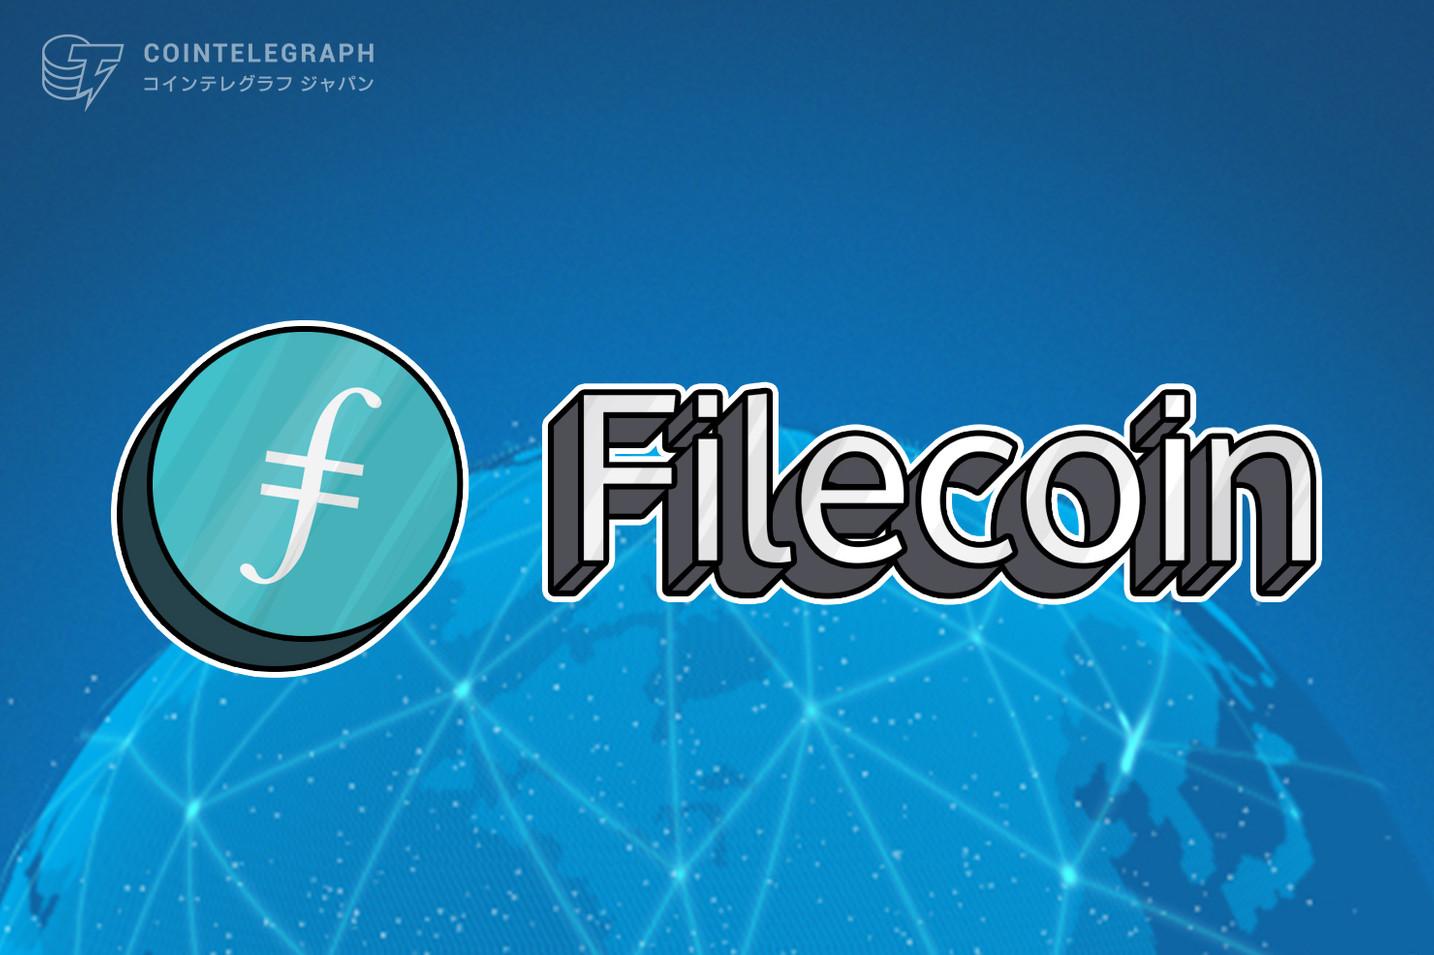 ネクストブレイク筆頭とされるFilecoin(ファイルコイン)とは?